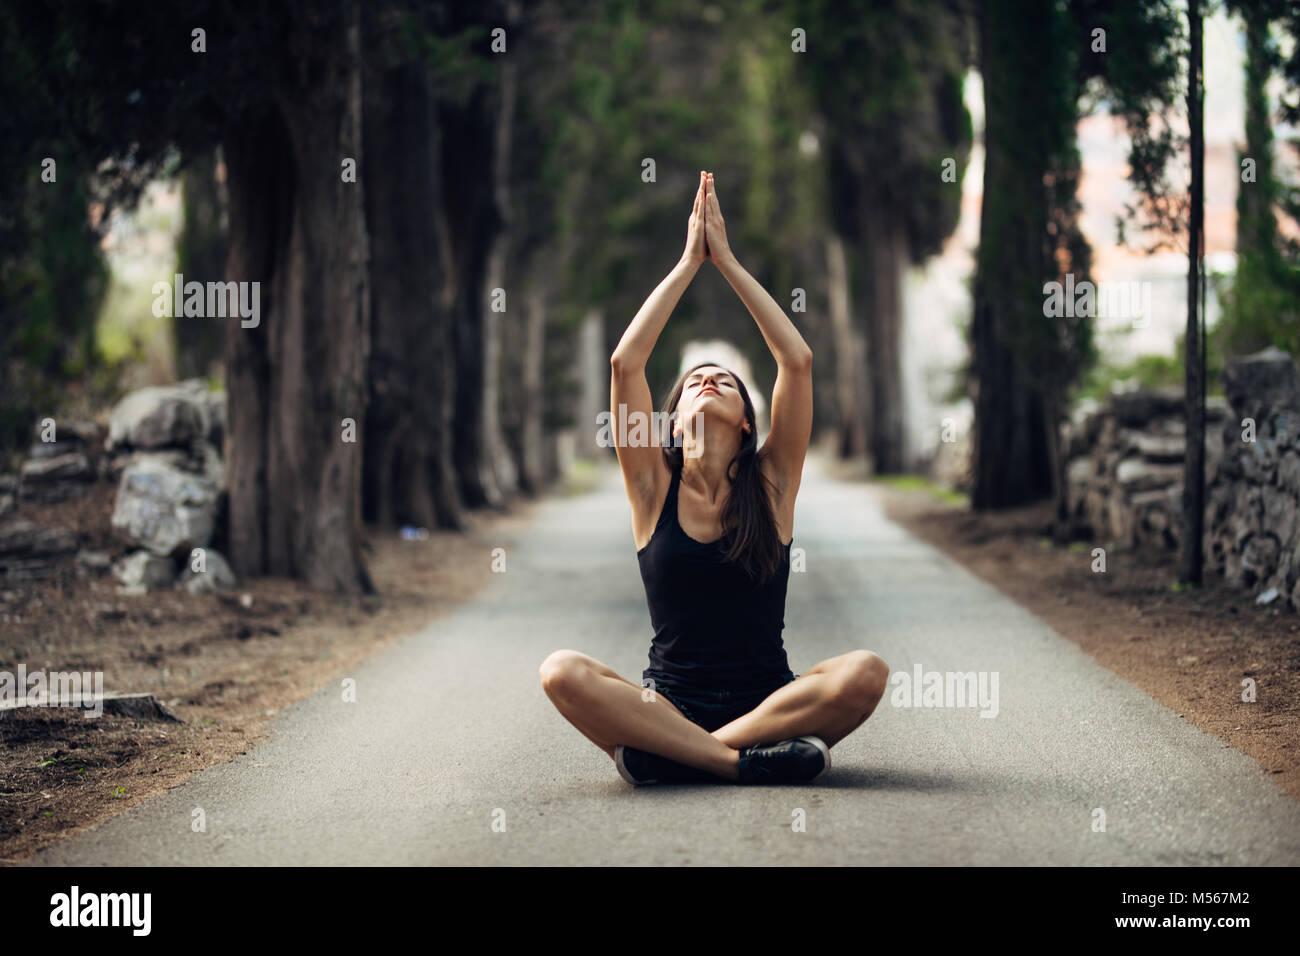 Carefree calma donna meditando in natura.trovare la pace interiore.la pratica dello Yoga.La guarigione spirituale Immagini Stock